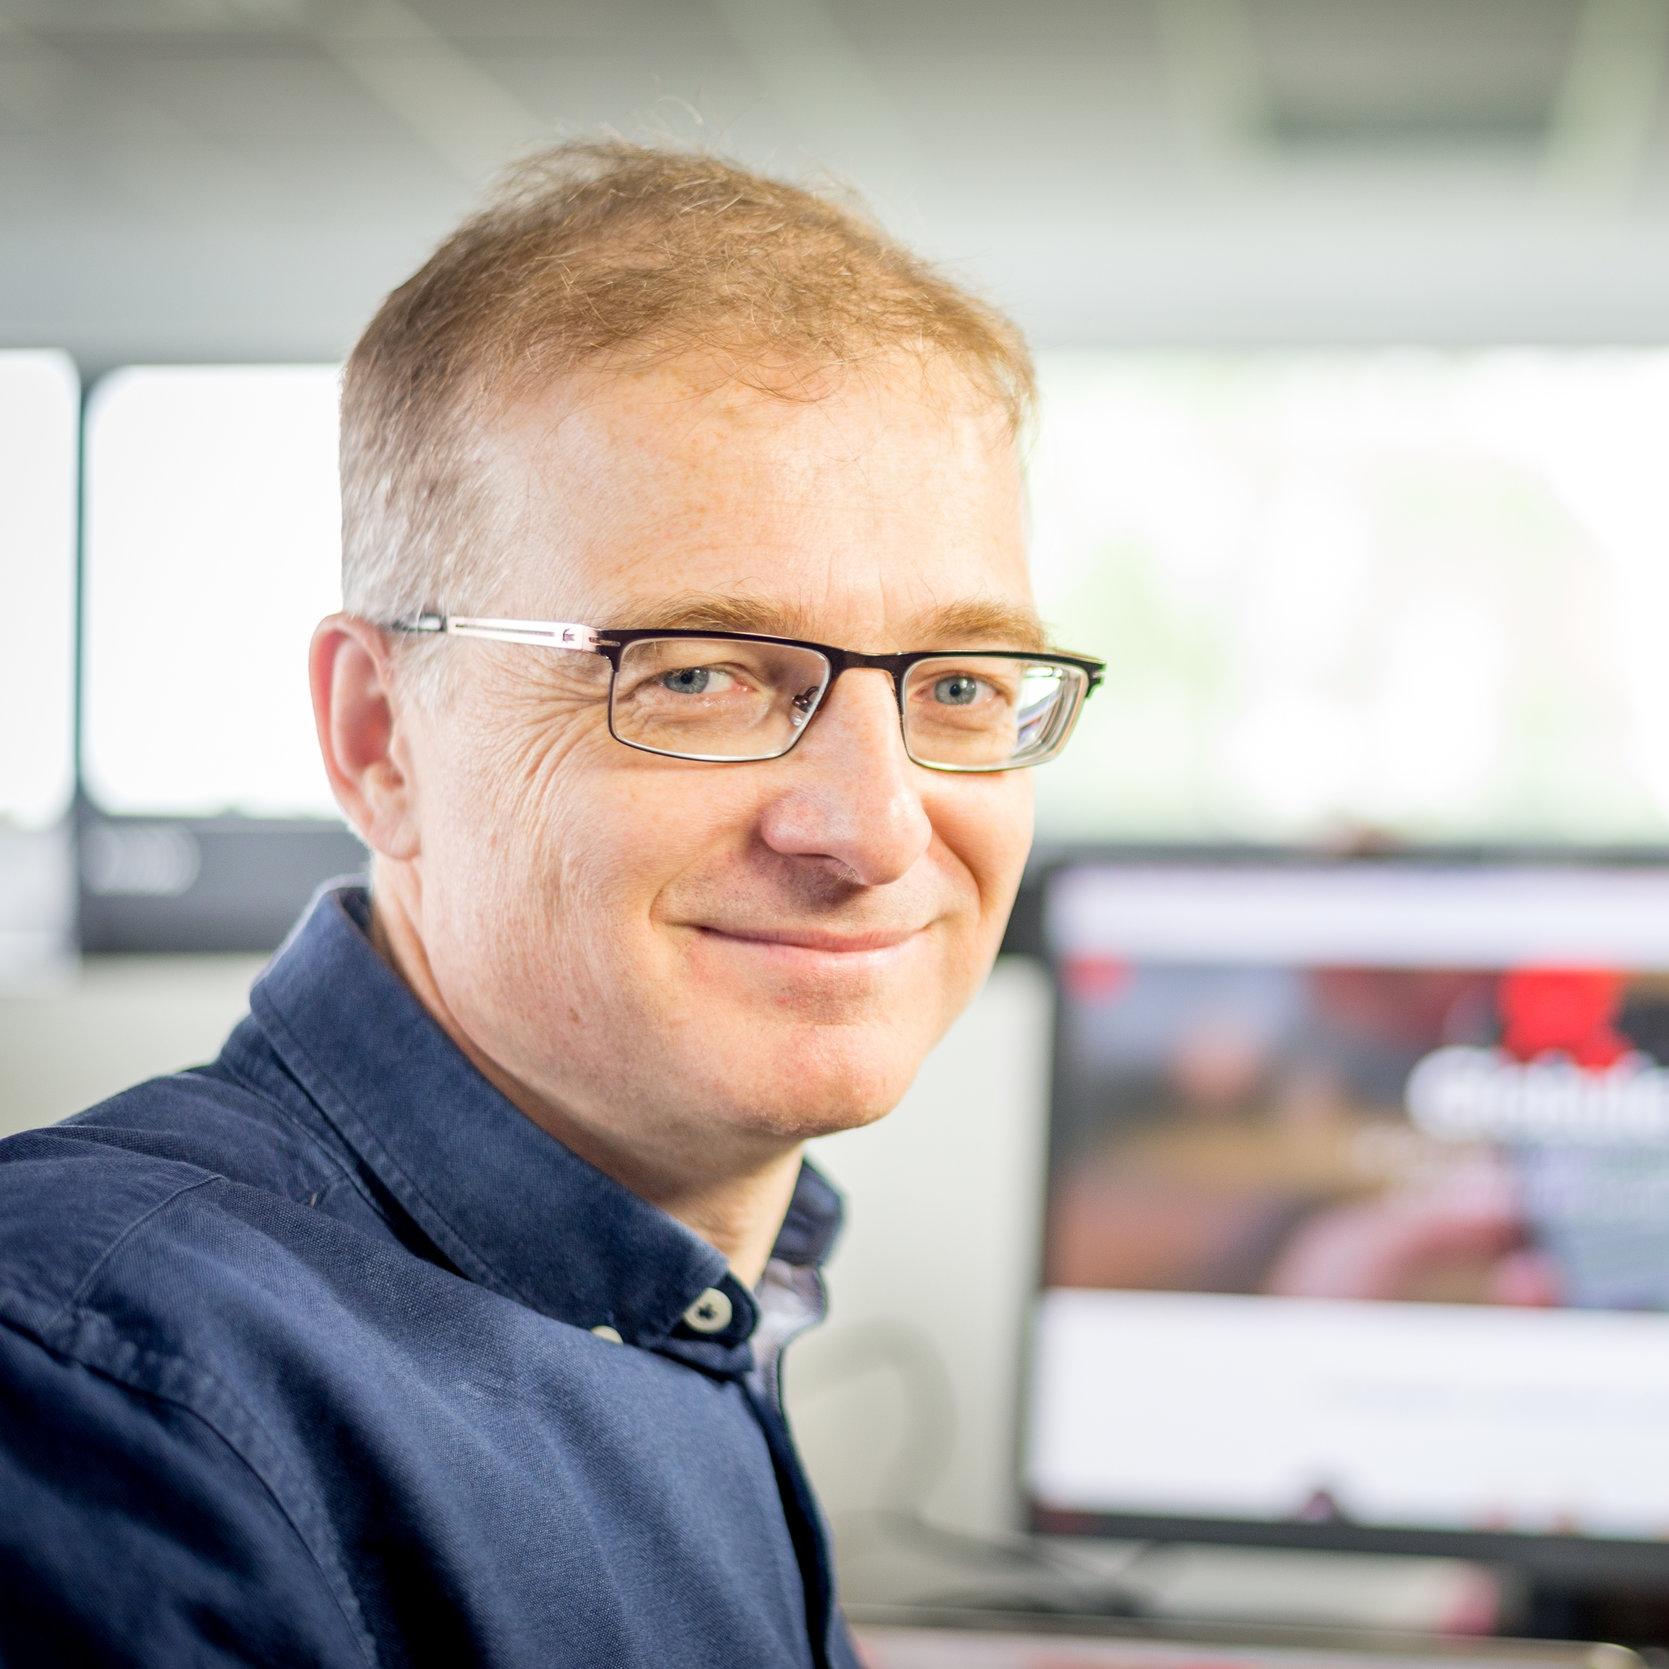 Antoine Comiti   Antoine est co-fondateur et gérant de Ki-Lab depuis sa création en 2006. Il supervise les priorités de développement de GLOBULE, le bon déroulement des projets de déploiement, et l'organisation générale de l'entreprise.